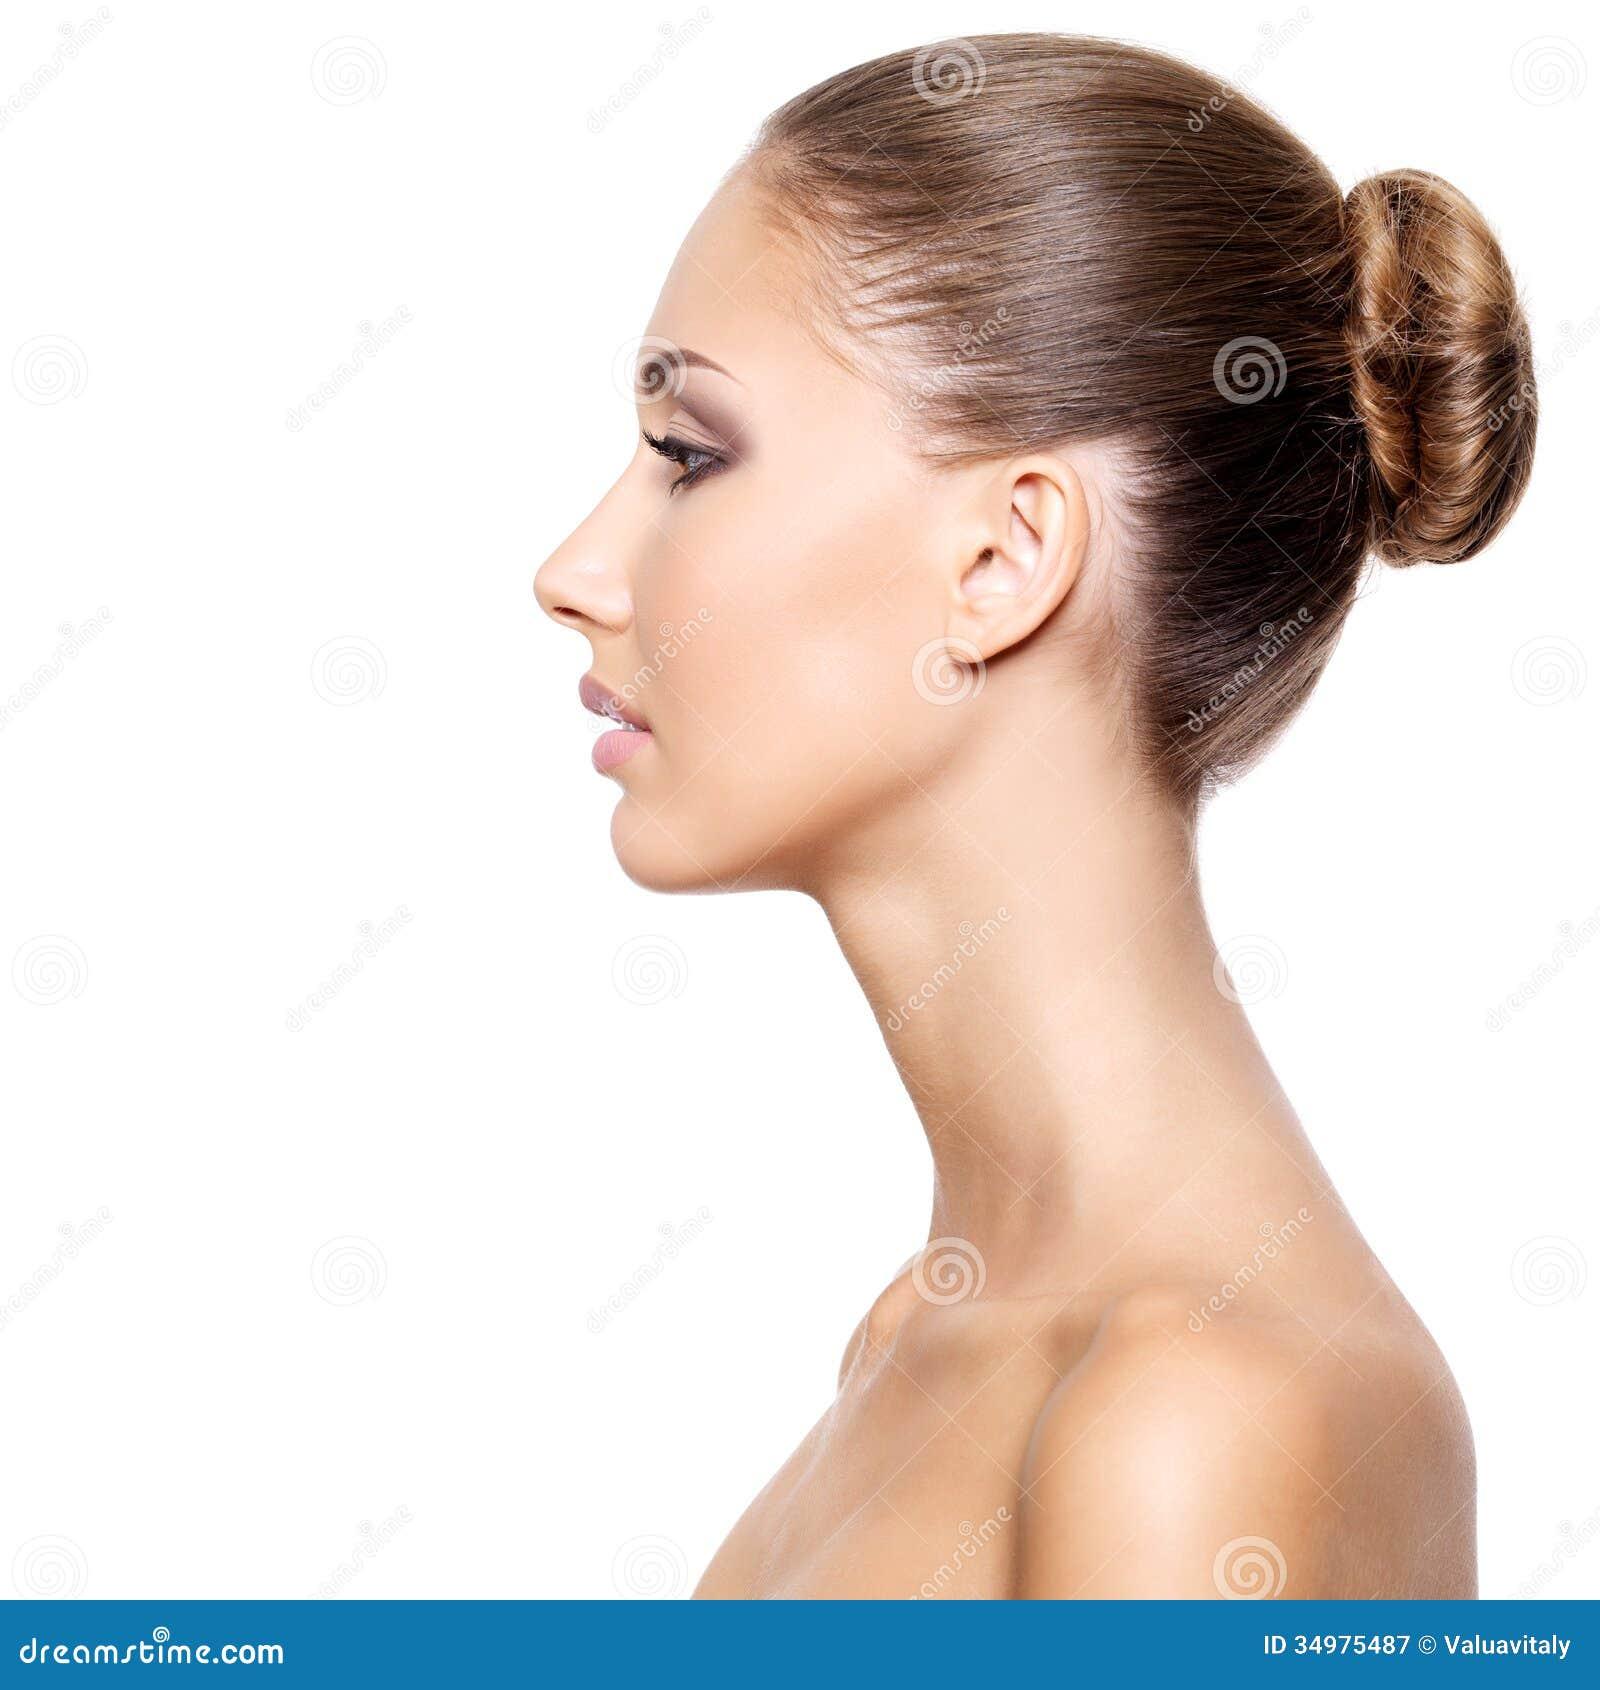 perfil-de-uma-mulher-bonita-com-pele-limpa-fresca-34975487.jpg